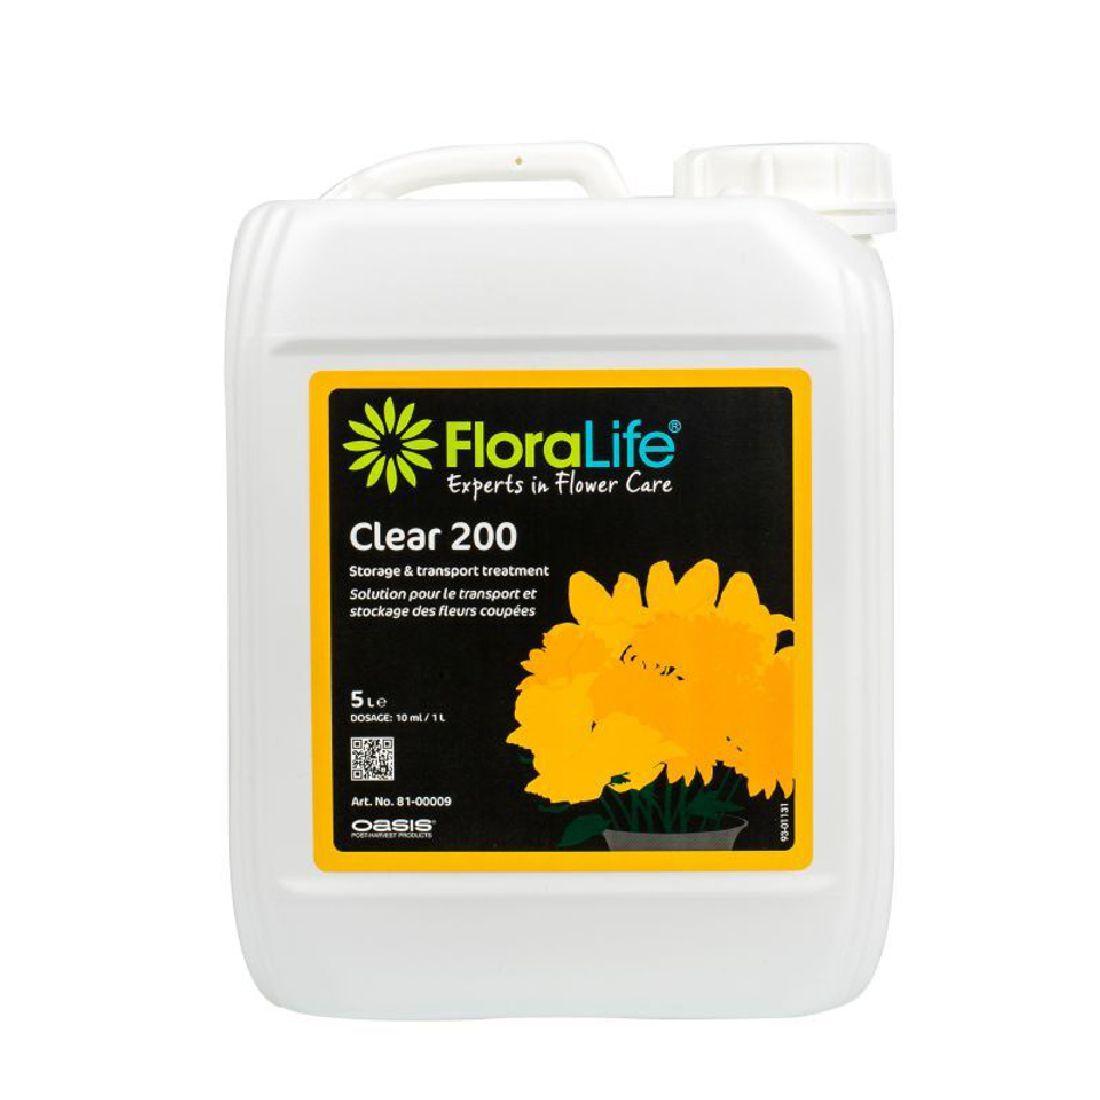 Oasis® Flower Fresh 81-00009 Frischhaltemittel 5 Liter 200 Clear Kanister